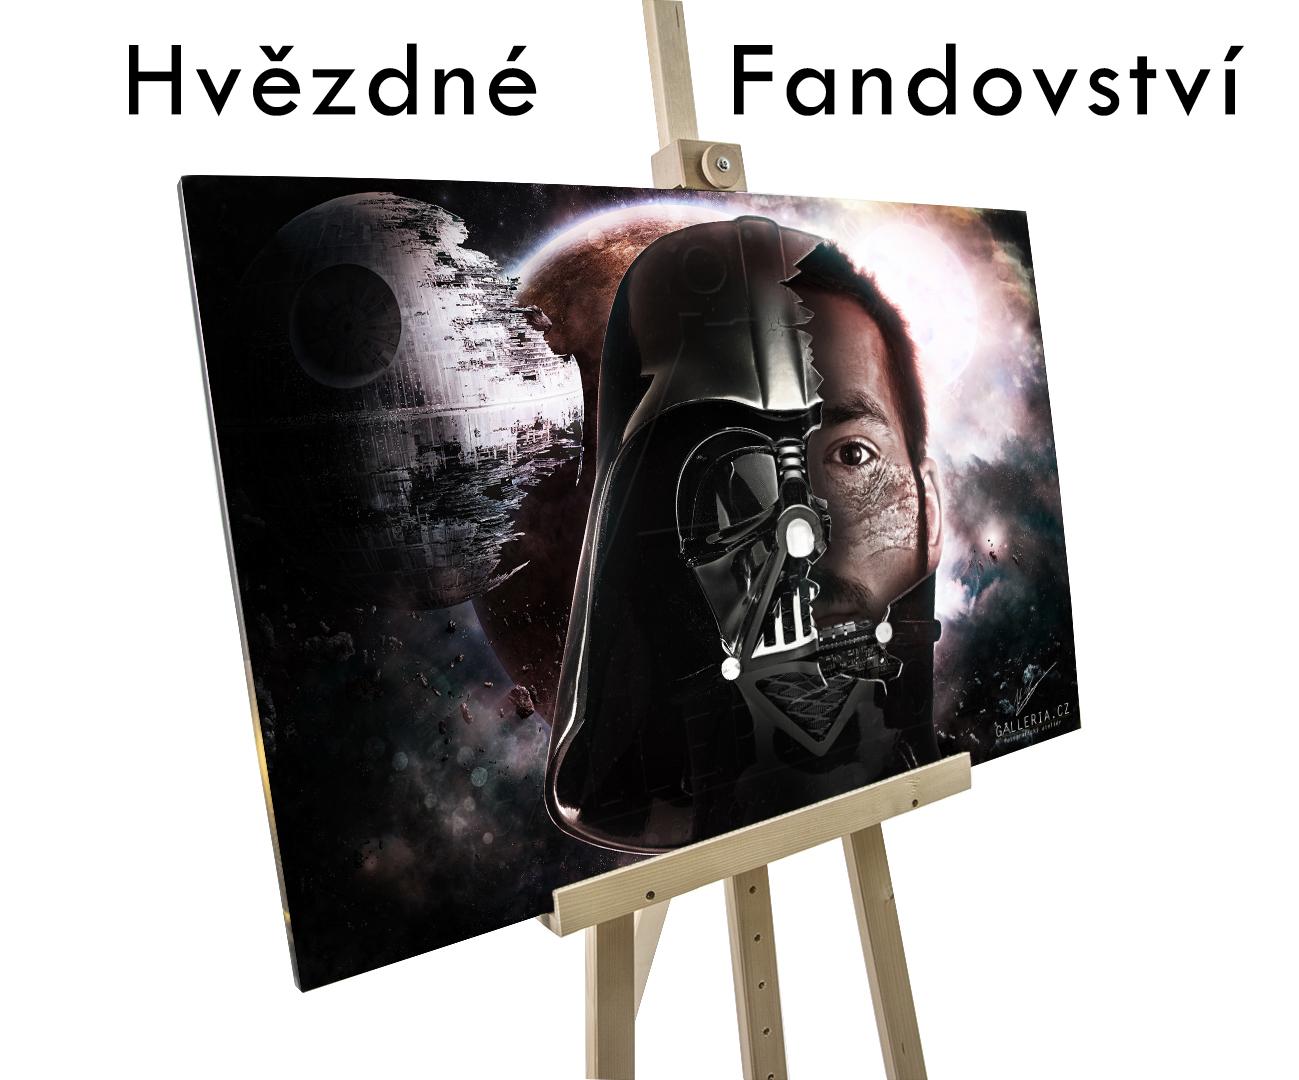 fotograf Praha fotografický ateliér obrazy na zakázku www.galleria.cz